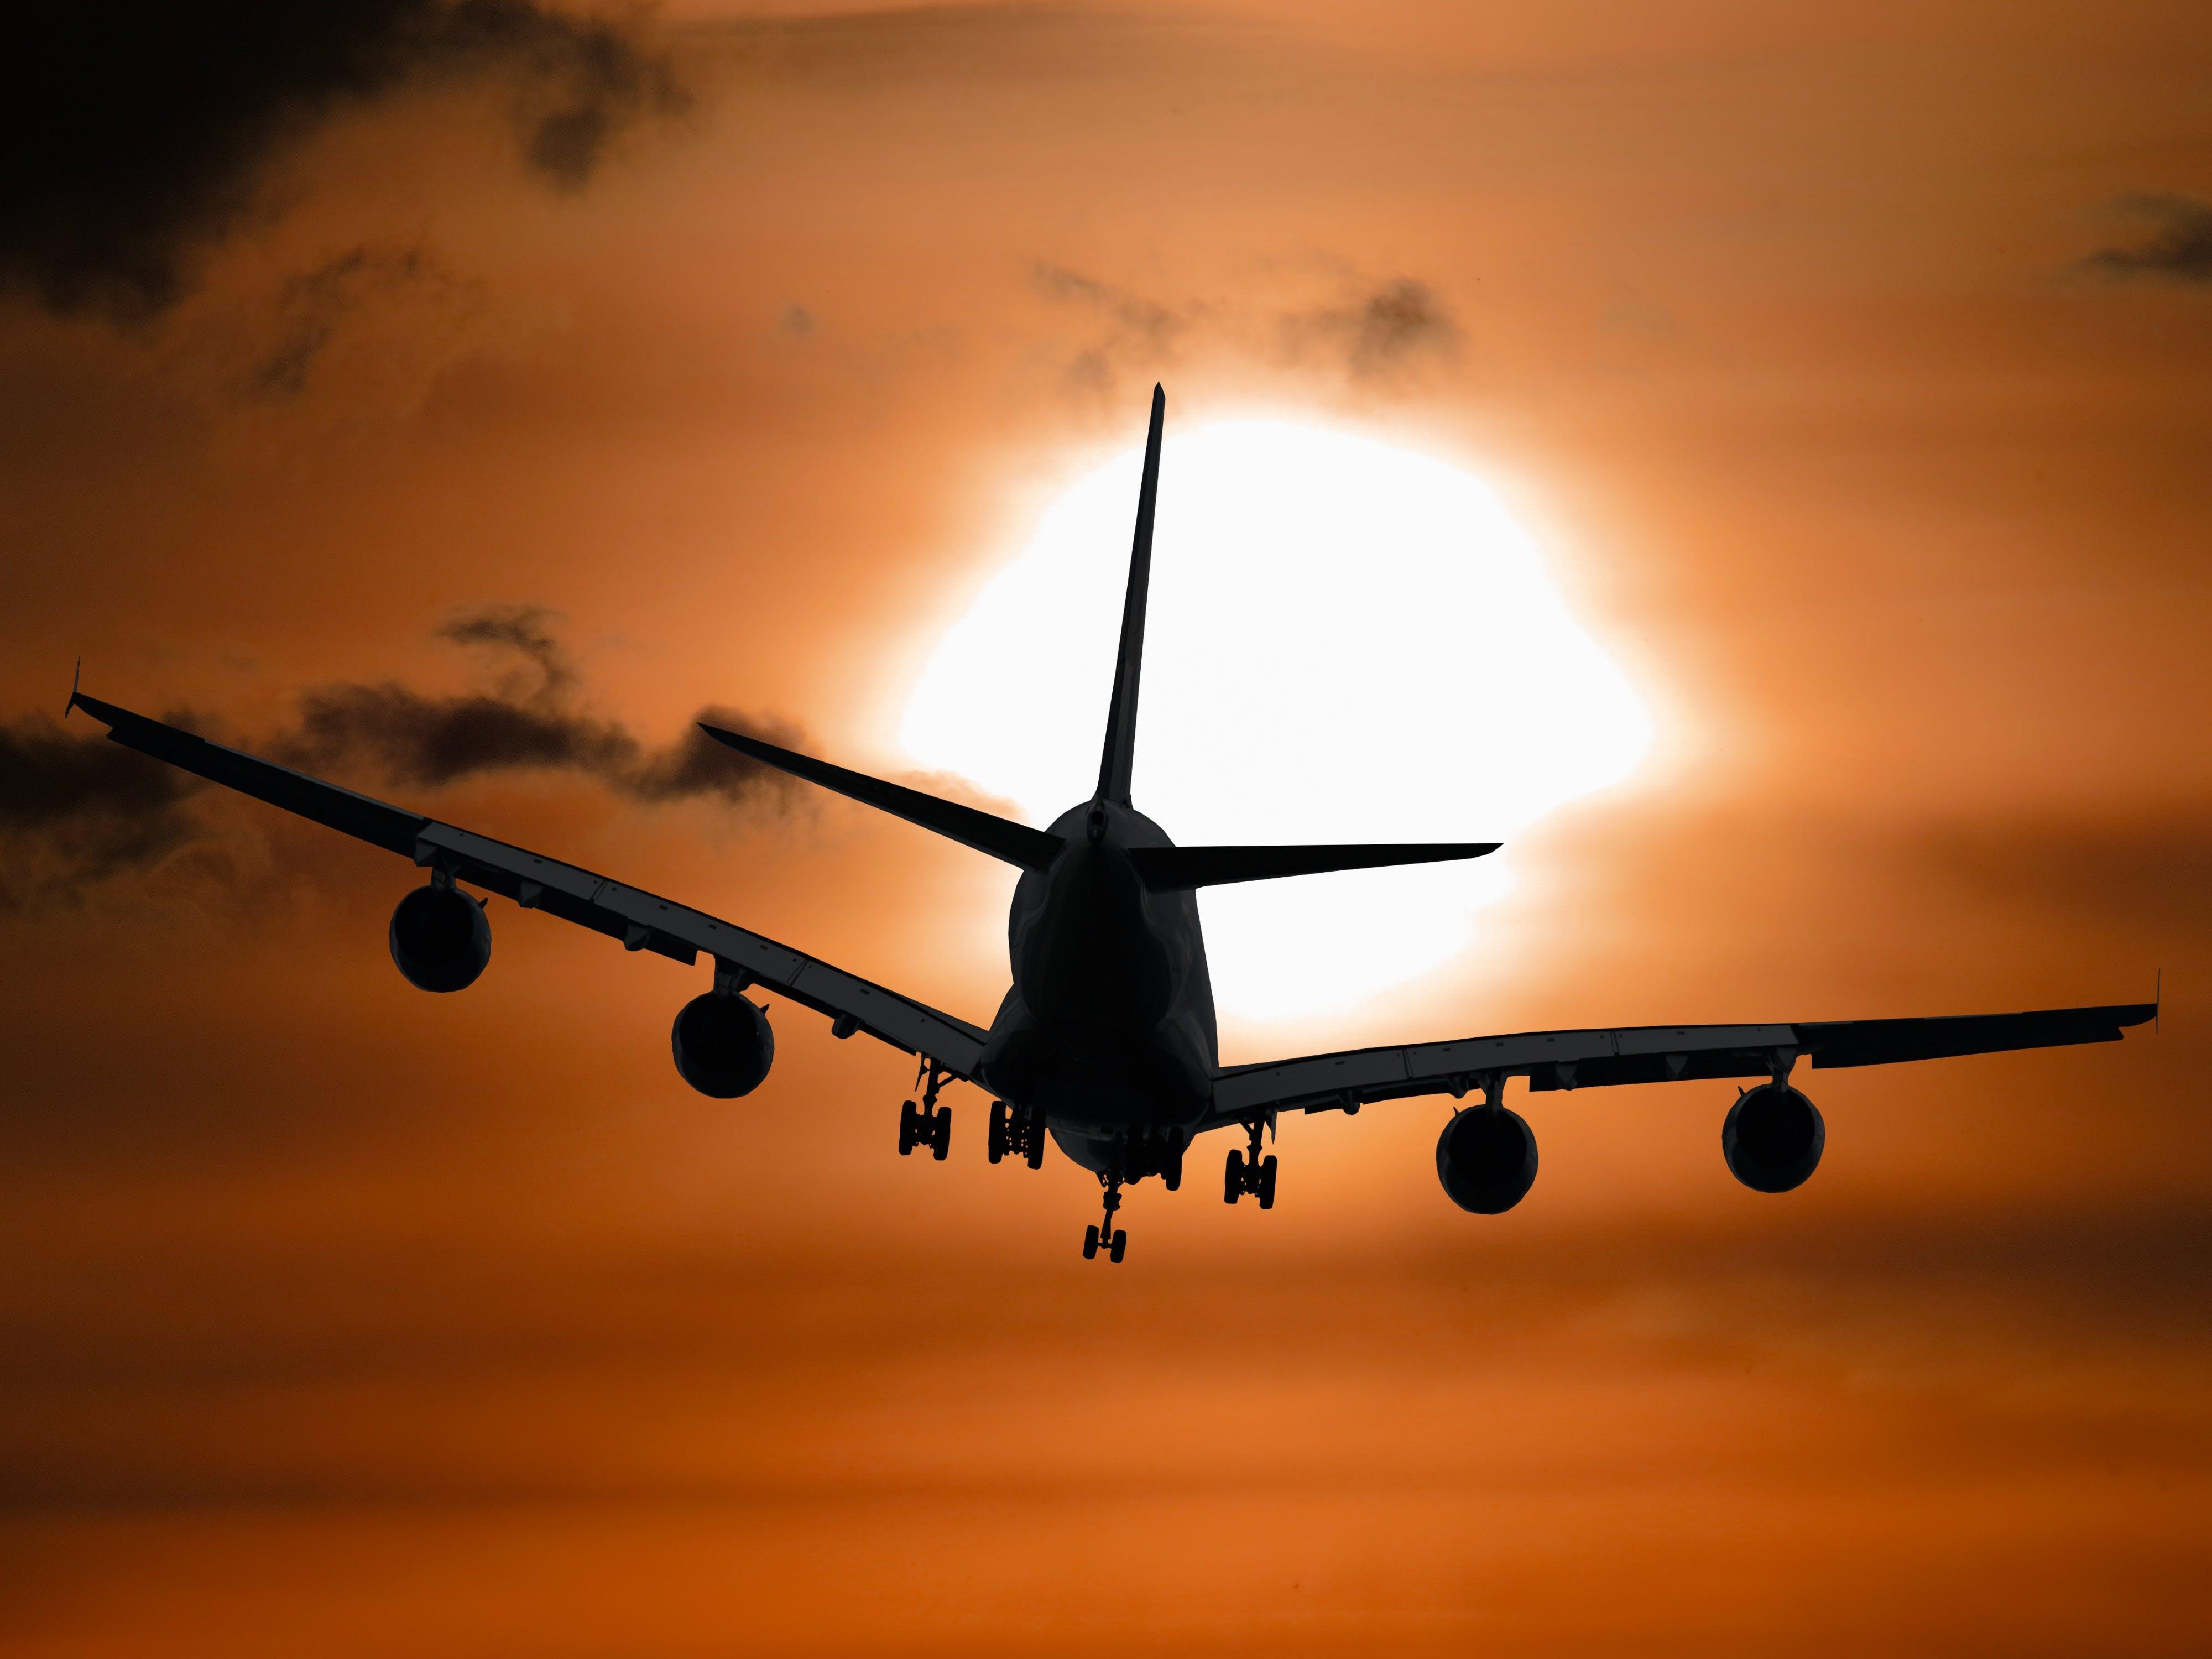 Δωρεάν στοκ φωτογραφιών με αεροπλάνο, αεροπλοΐα, αεροσκάφος, Ανατολή ηλίου